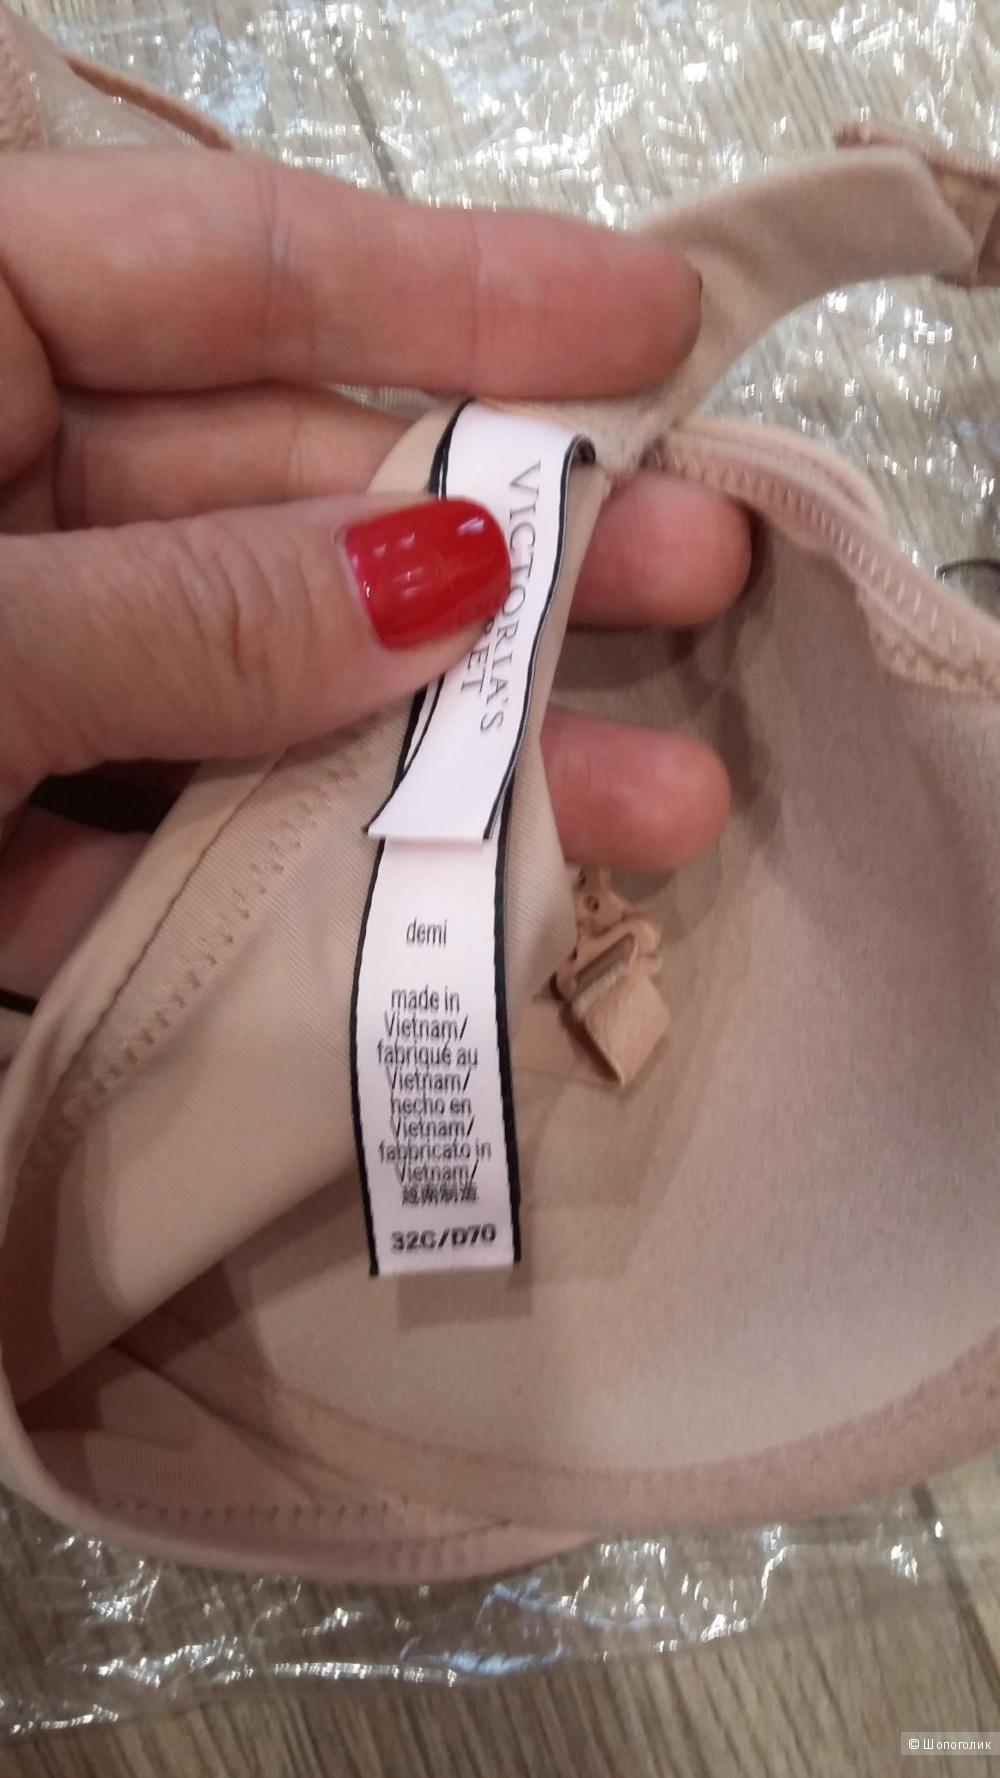 Бра Victoria's Secret, размер 32-С